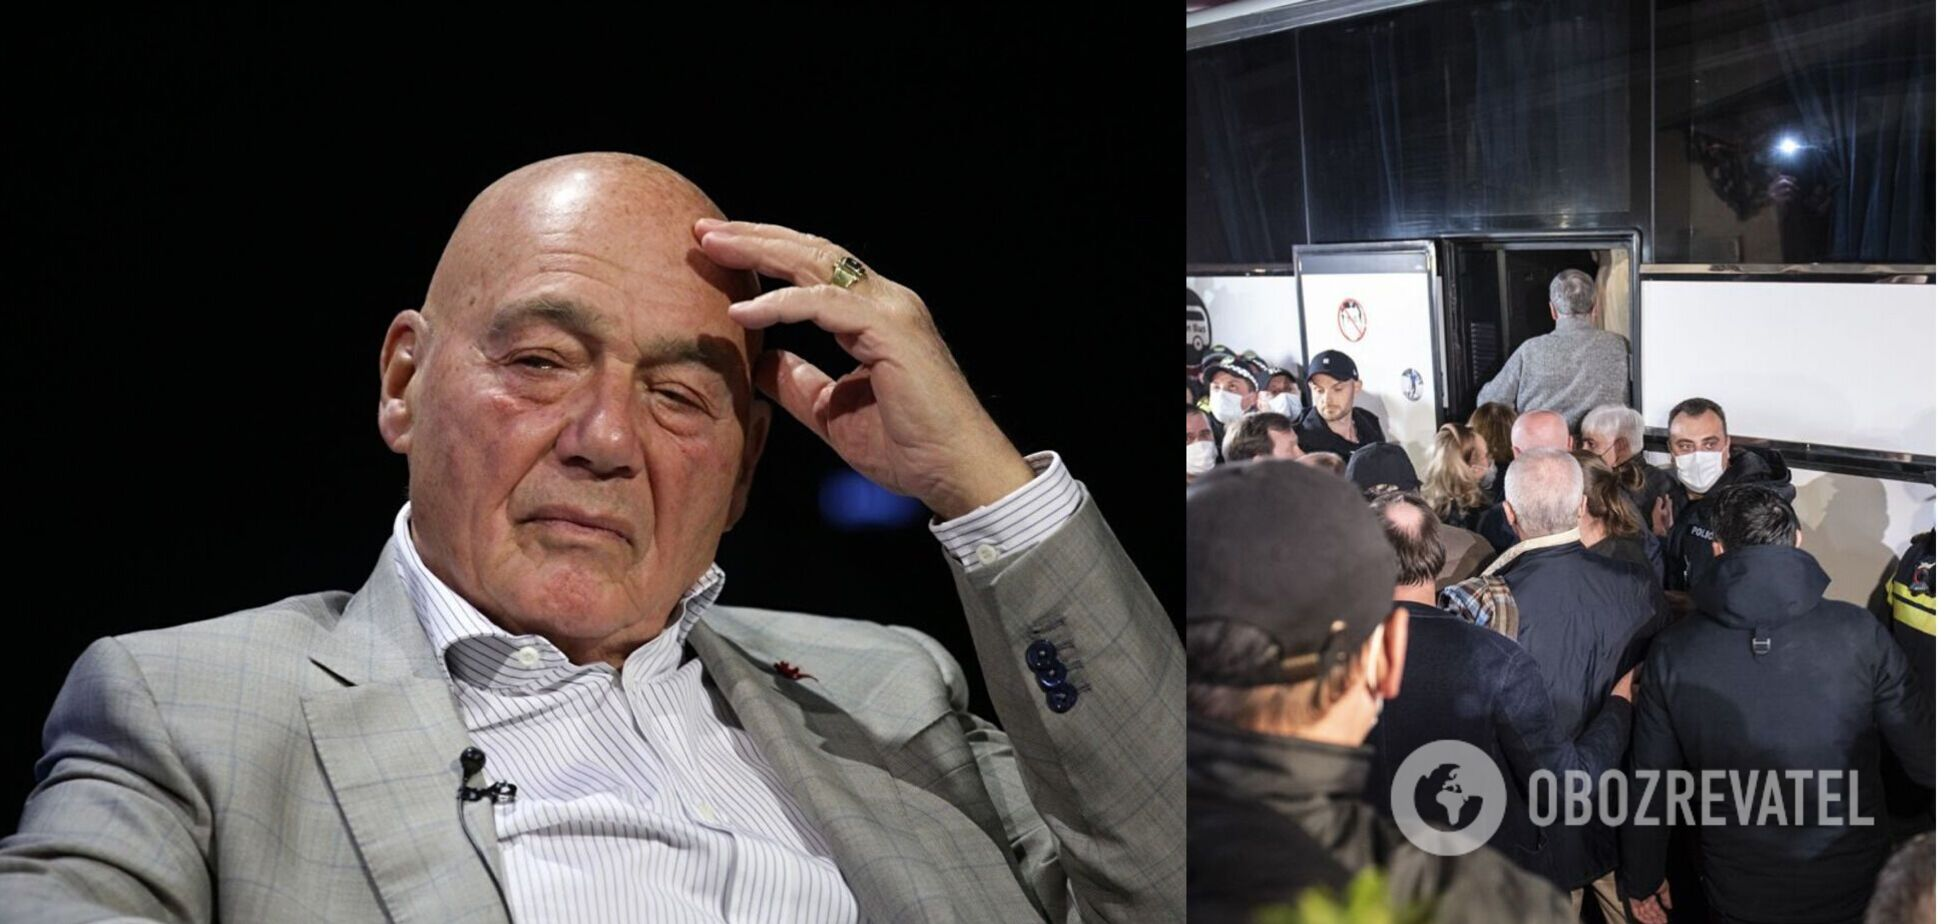 Скандал з Познером в Грузії